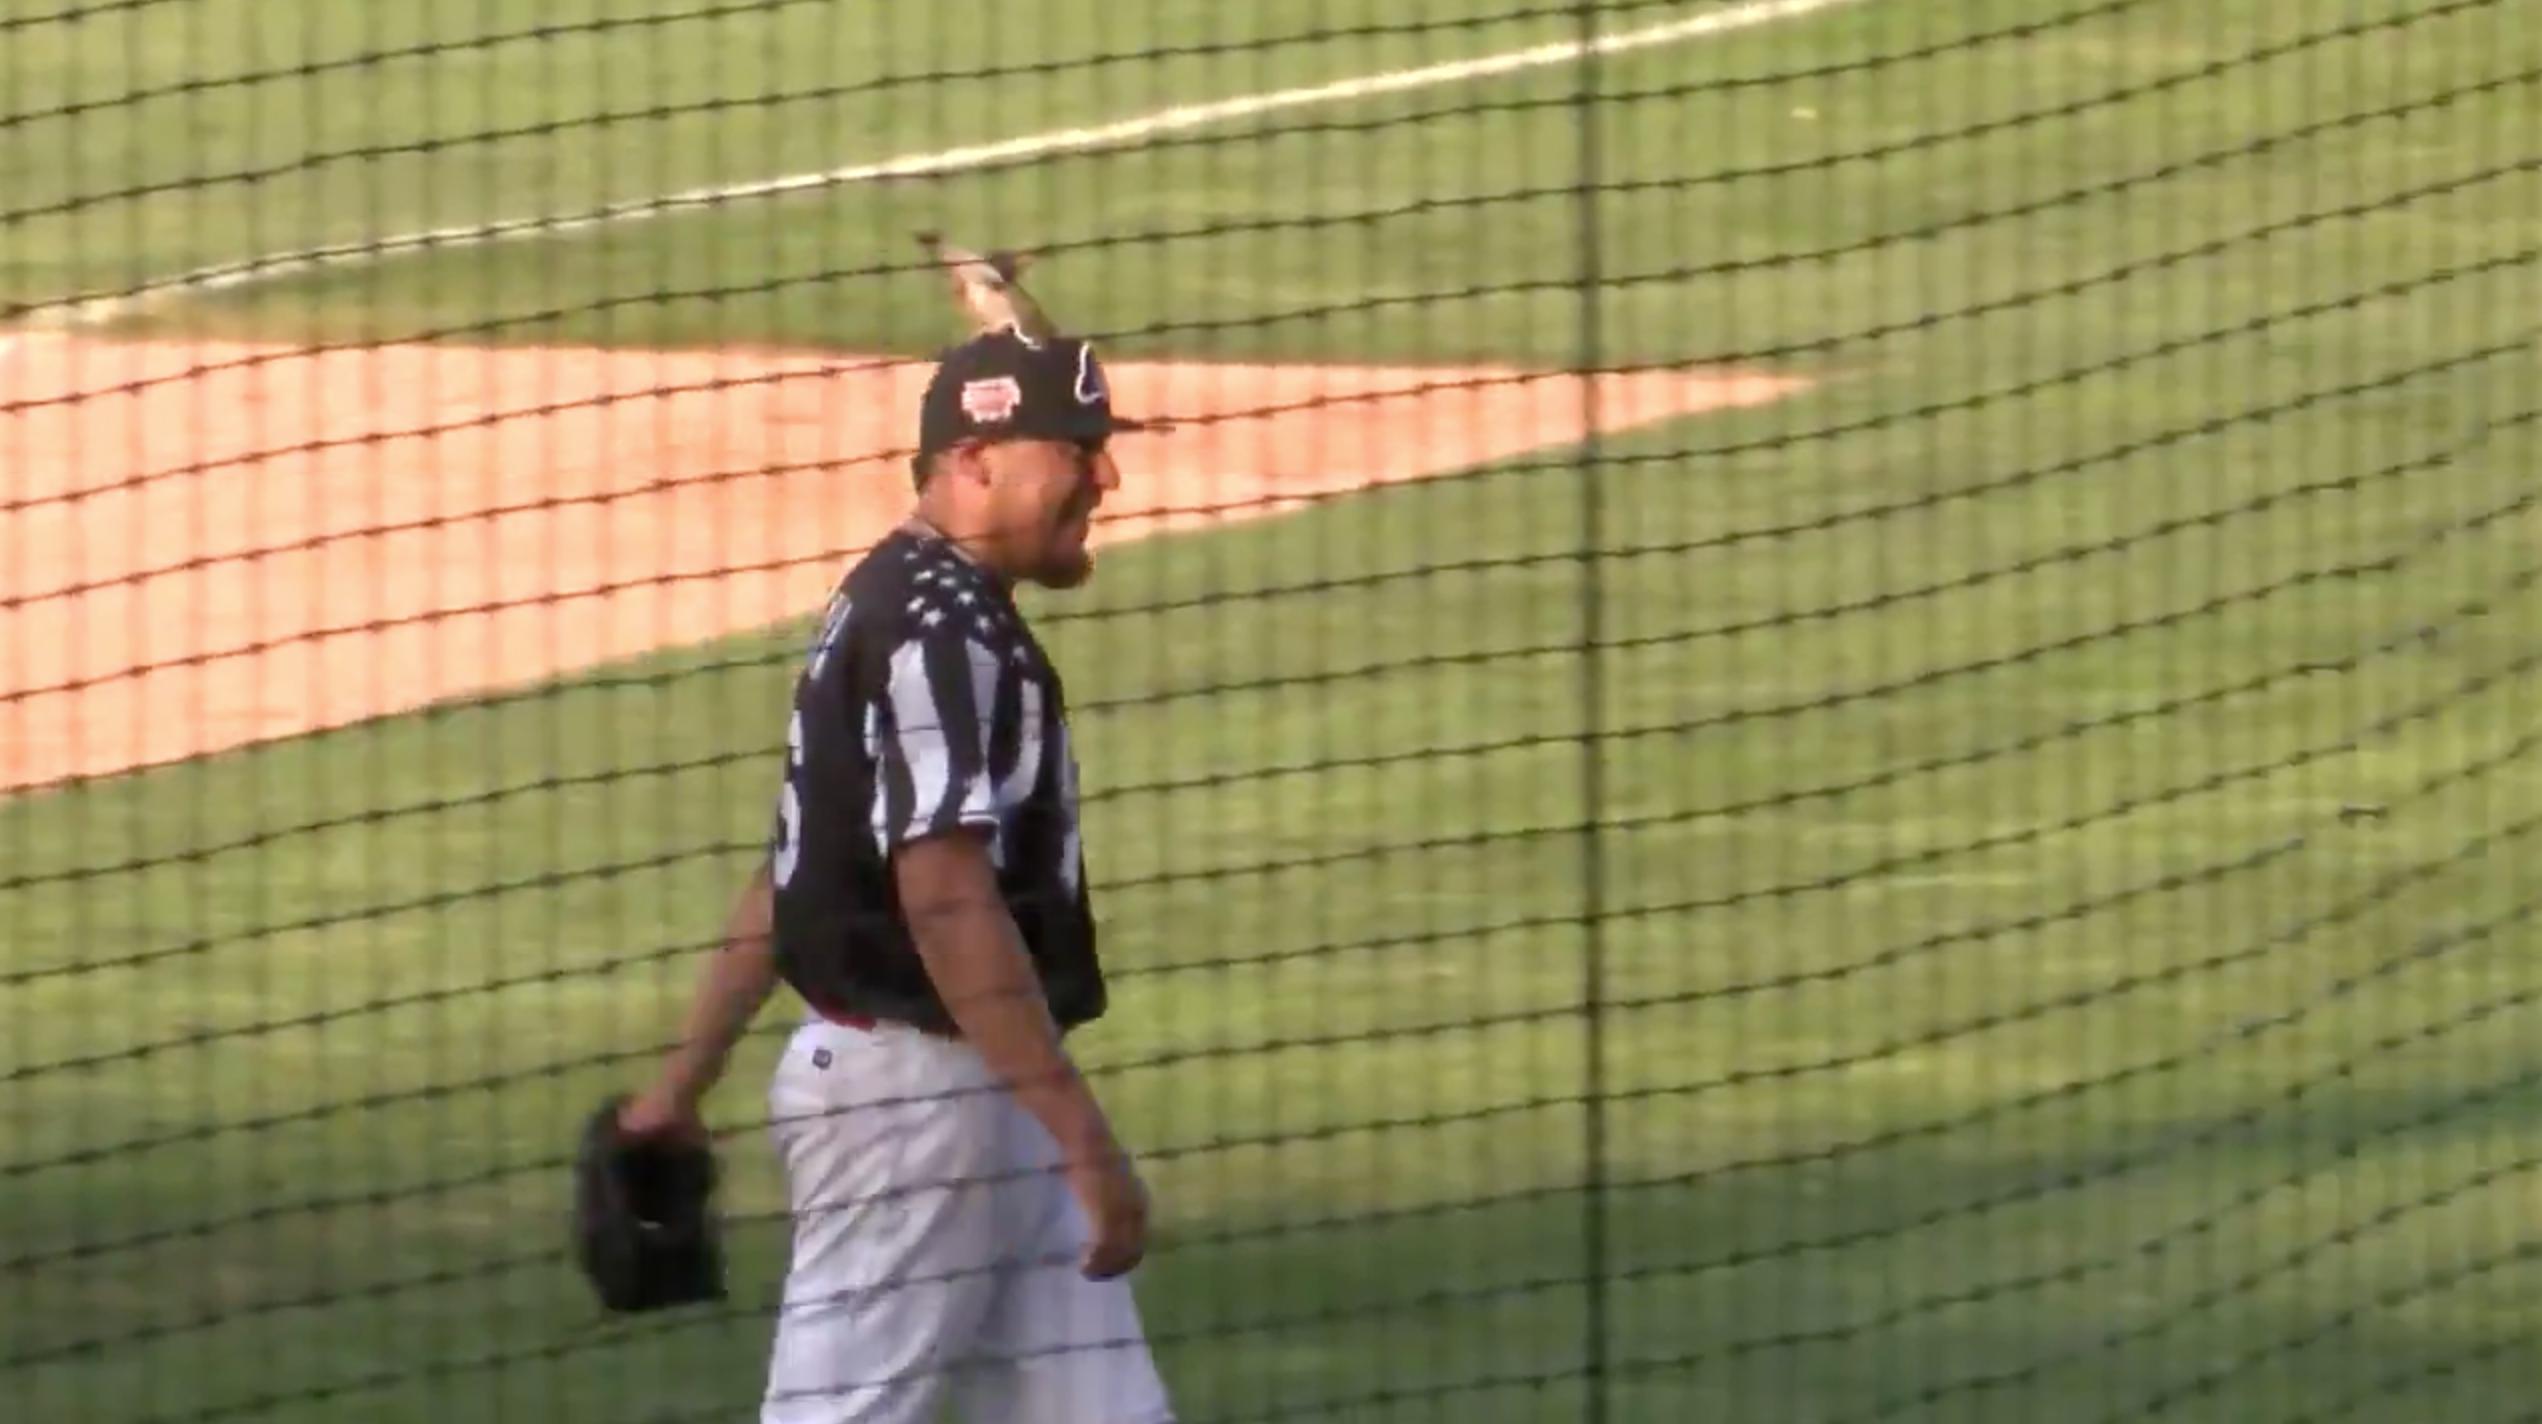 Cardinals prospect Jesus Cruz picks up bird (video)